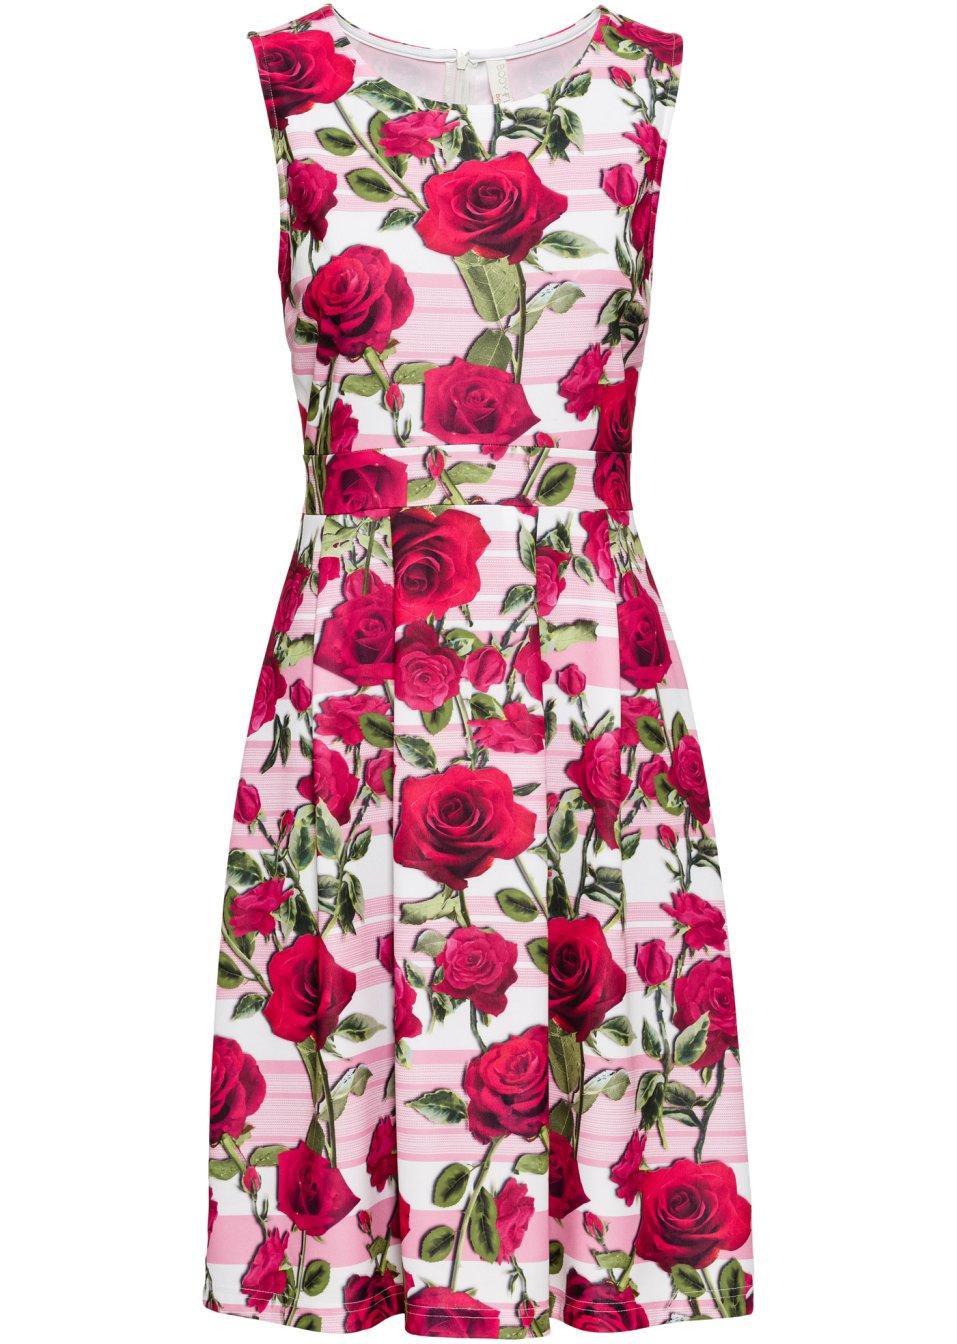 Ärmelloses Kleid mit Rundhalsausschnitt - weiß/pink geblümt G7BKR 0cxWe